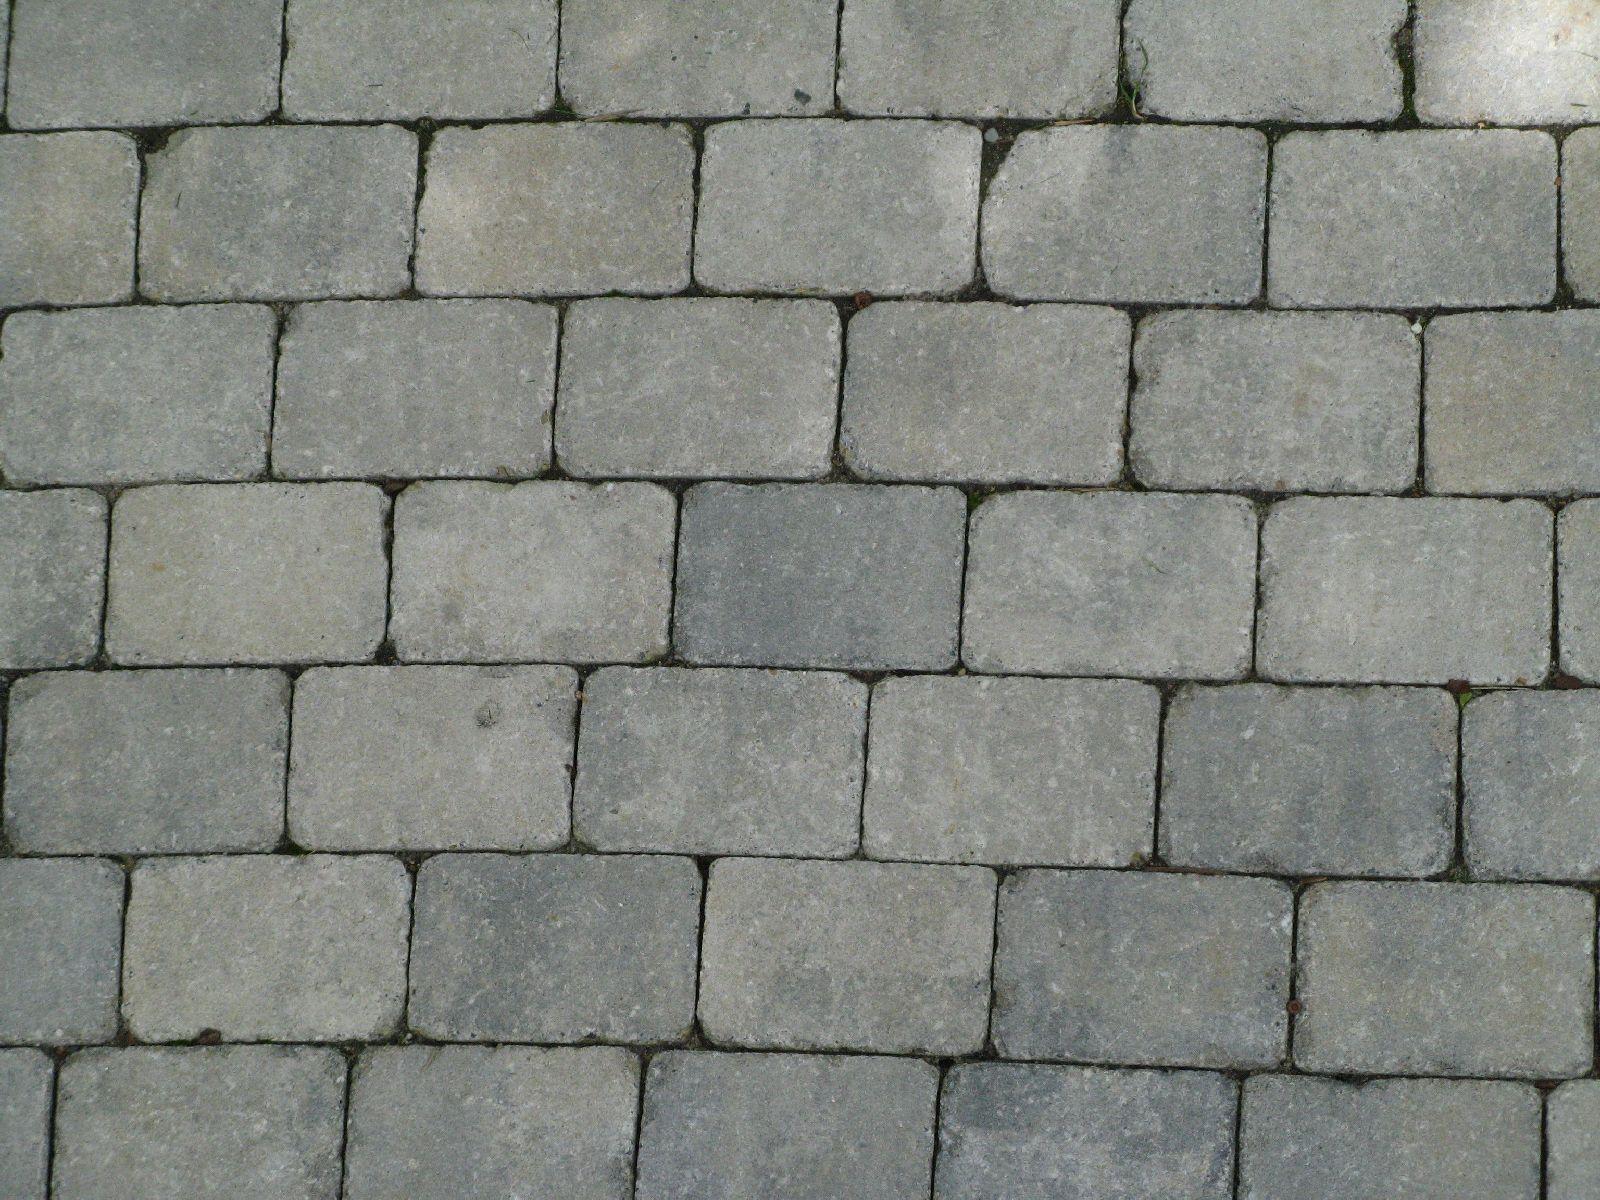 Ground-Urban_Texture_B_0563